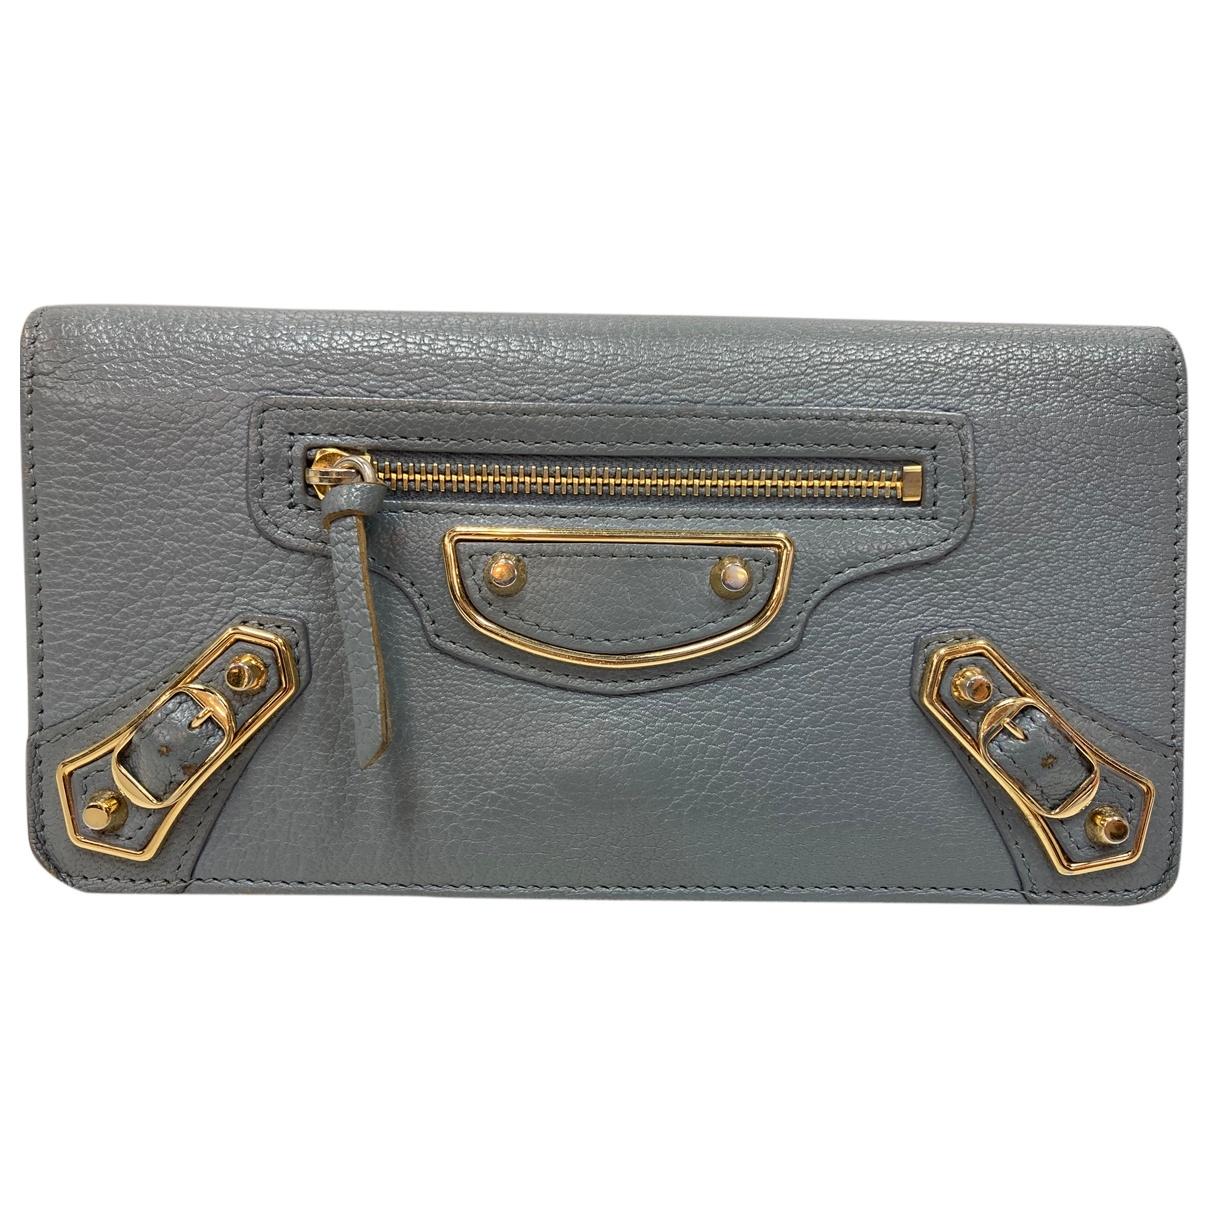 Balenciaga \N Grey Leather wallet for Women \N